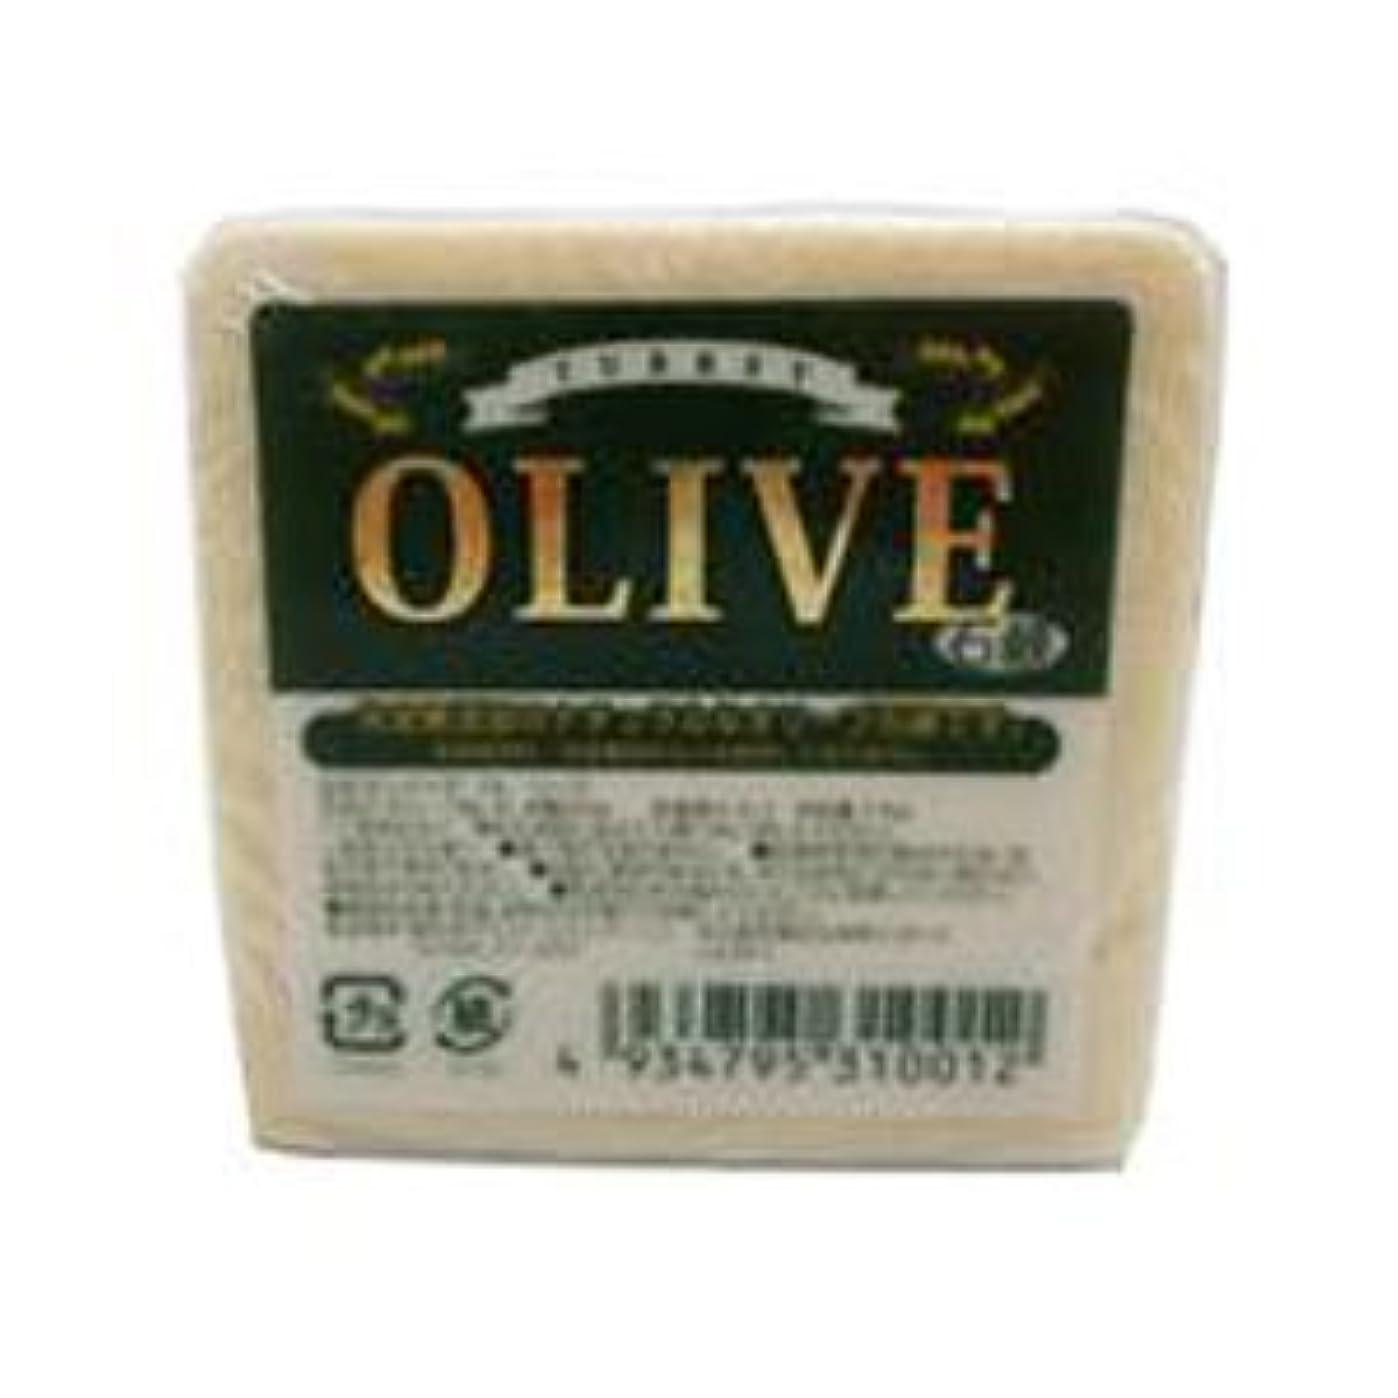 支店カラスマージンお得な10個セット トルコ産オリーブを使用した無添加石鹸 ターキーオリーブ石鹸 135g